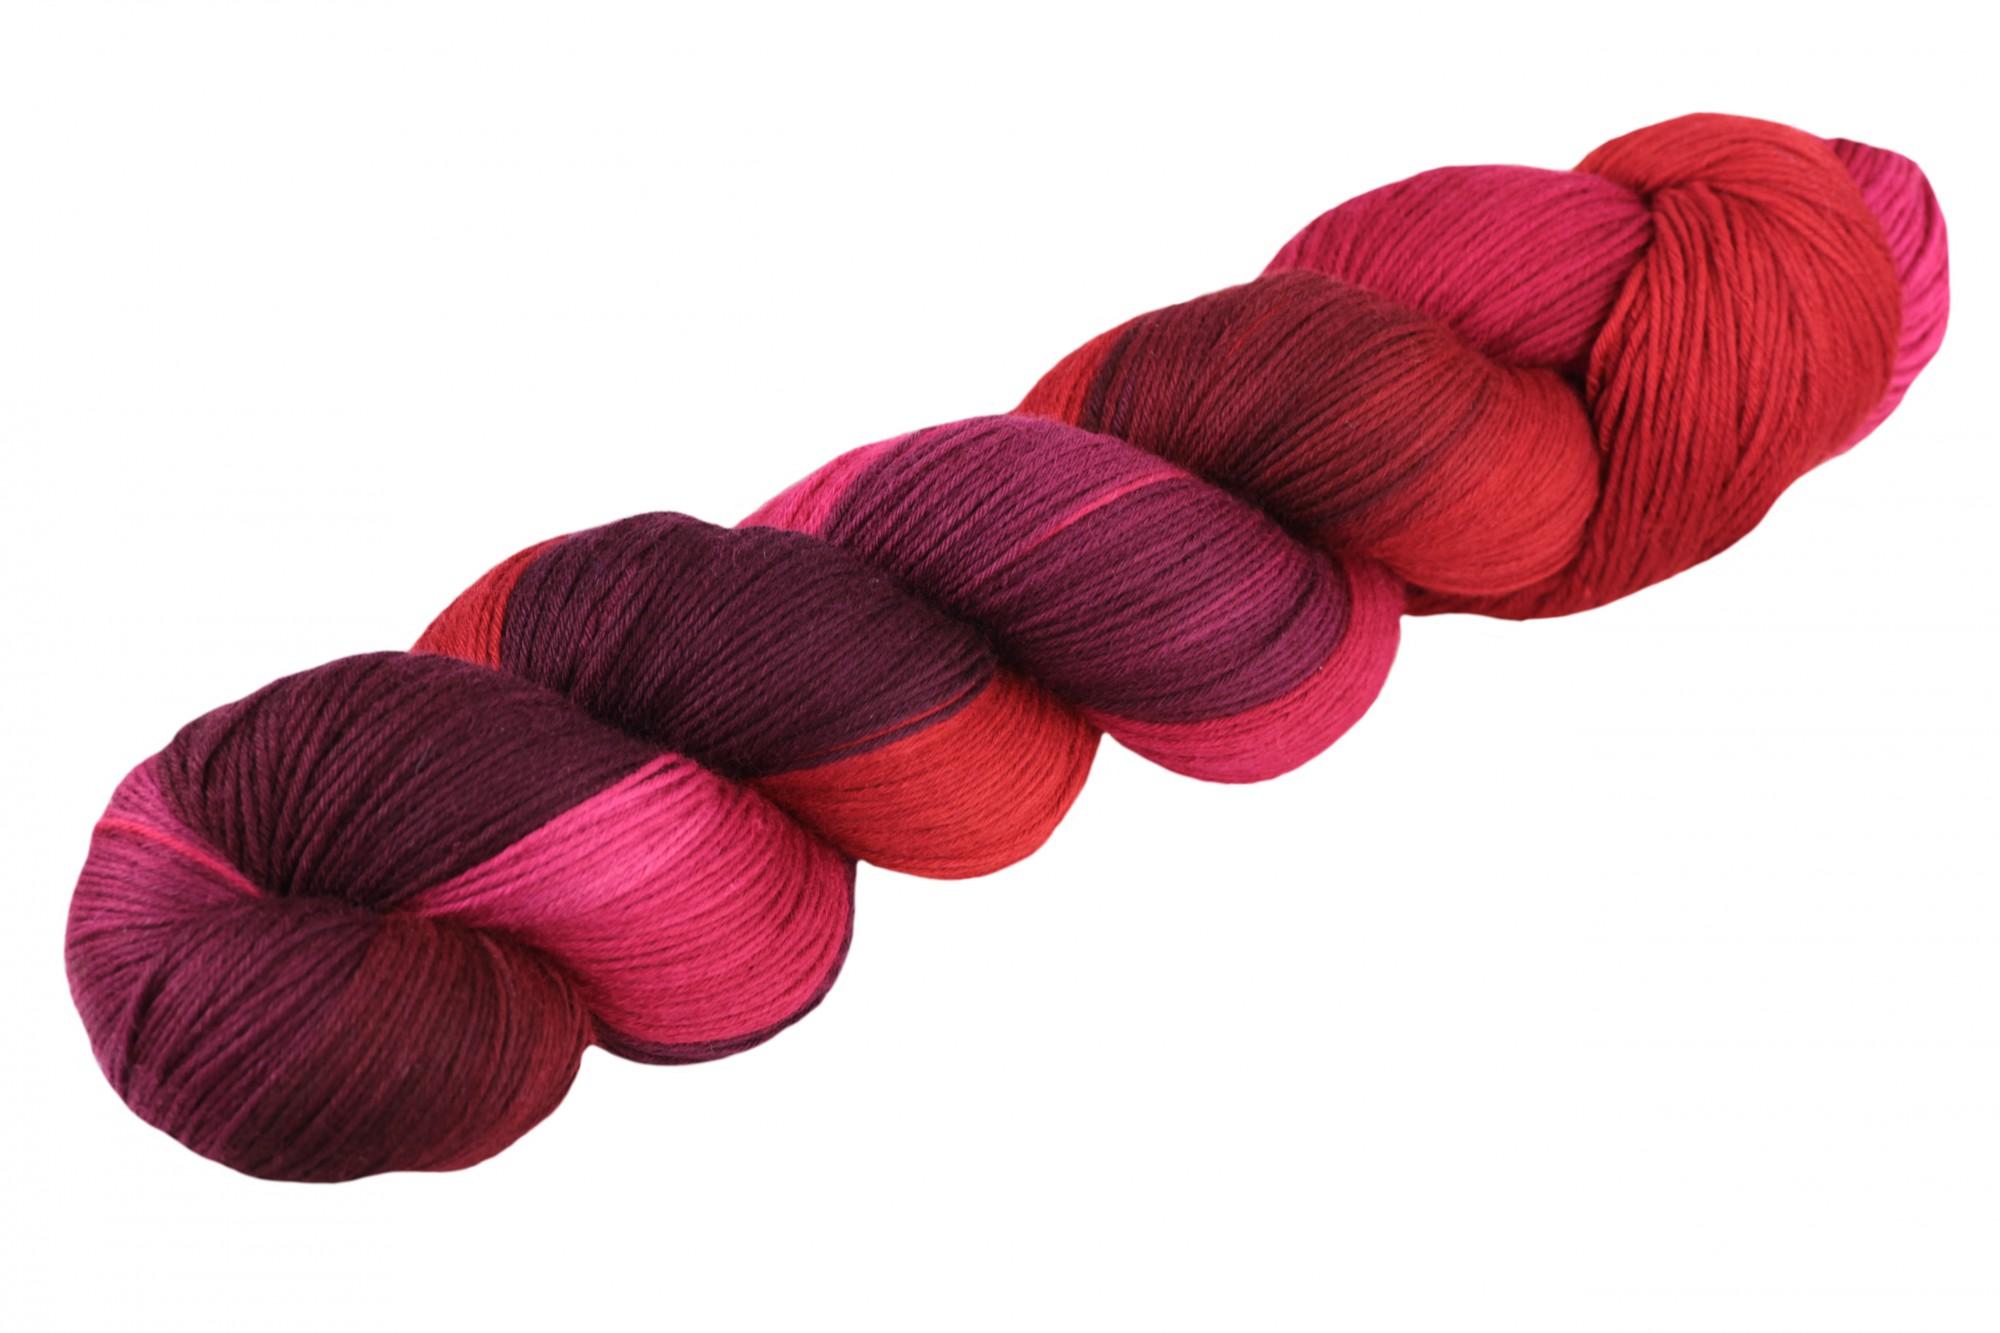 Pure 100% Wolle auf dem roten Teppich 352